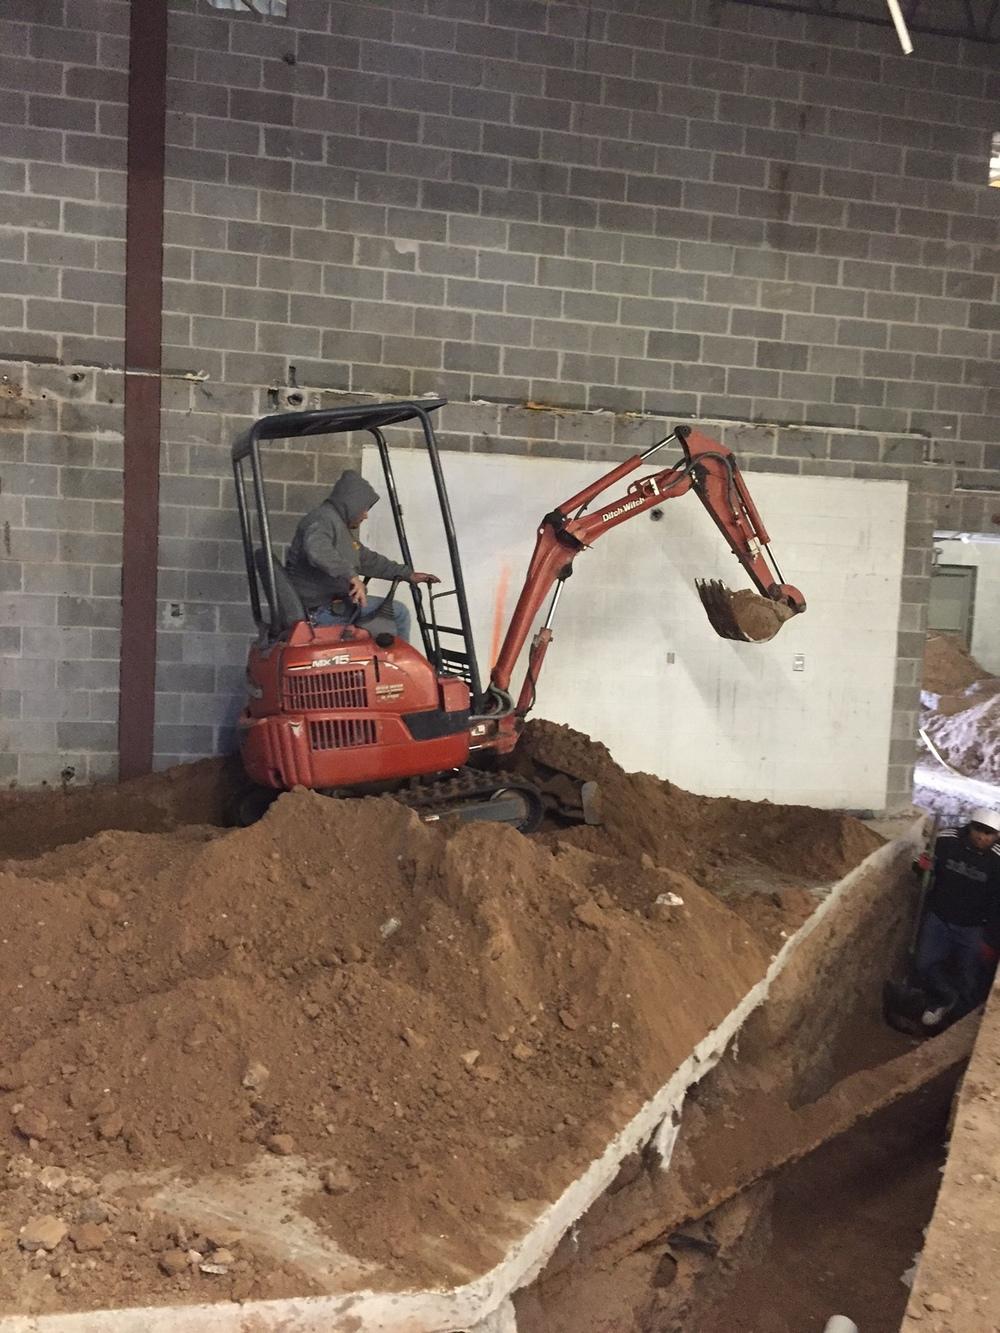 Trenching the Plumbing